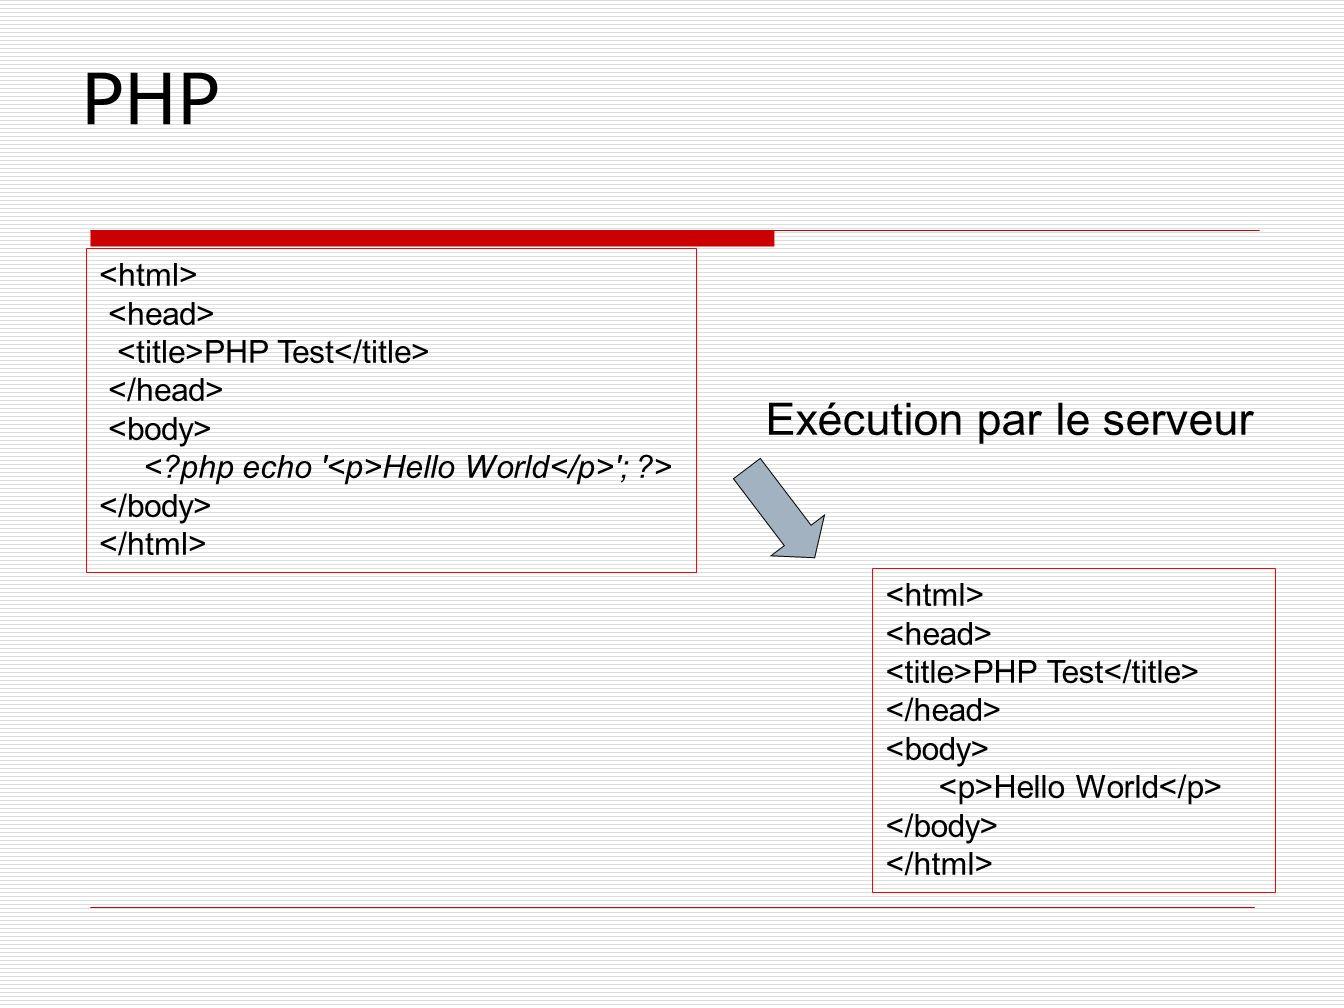 PHP PHP Test Hello World '; ?> PHP Test Hello World Exécution par le serveur